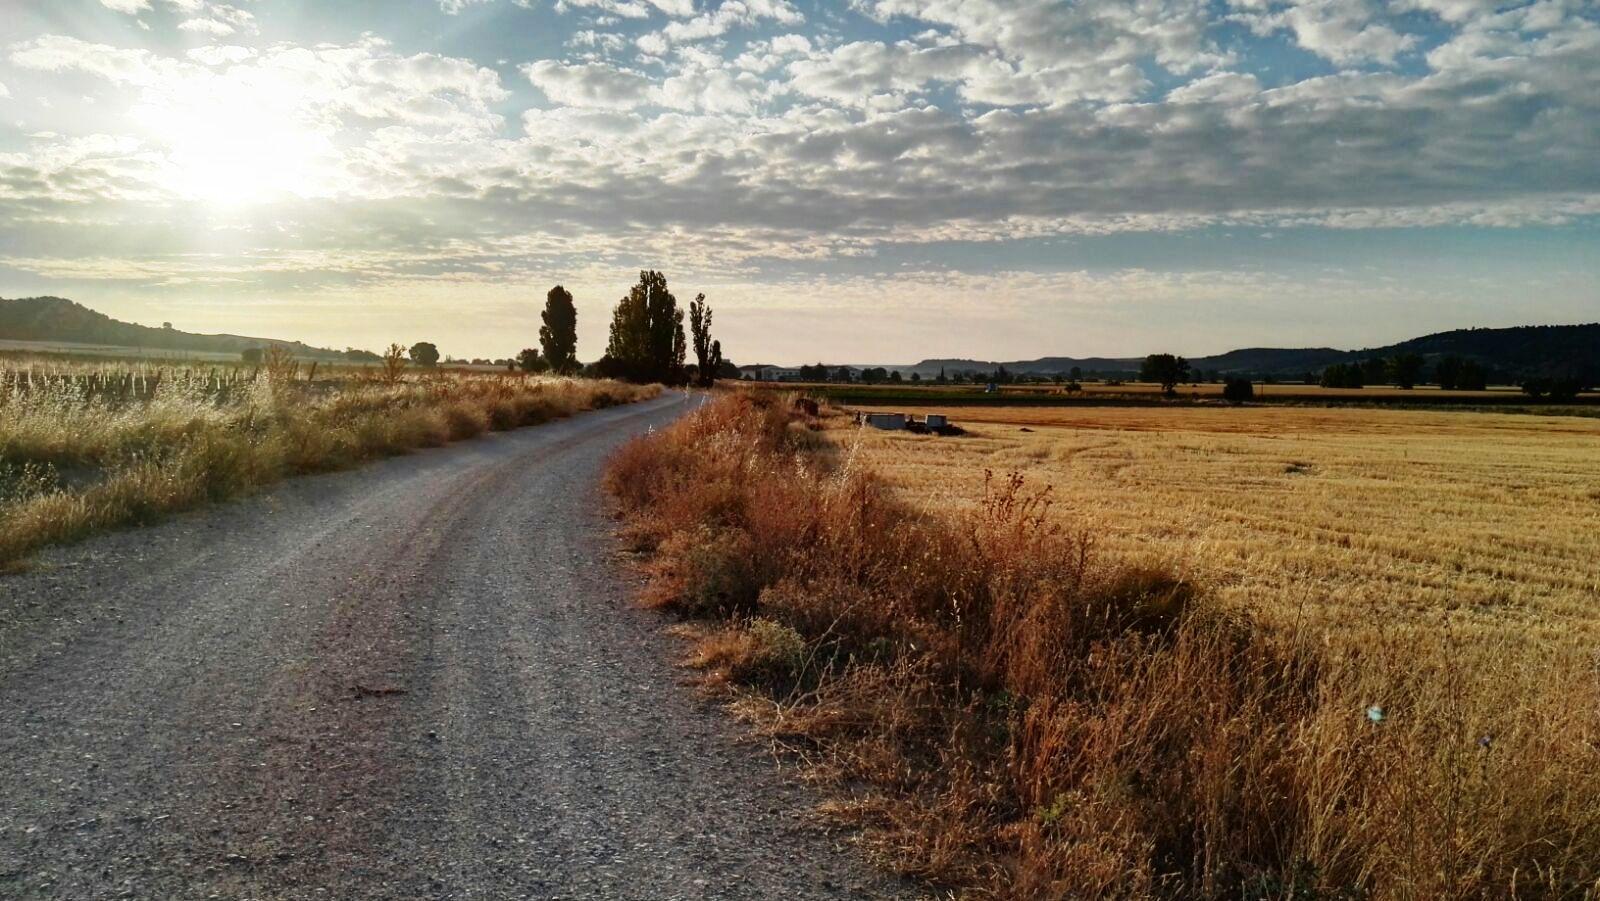 Paisaje rural en Valladolid, por Rafael Iborra